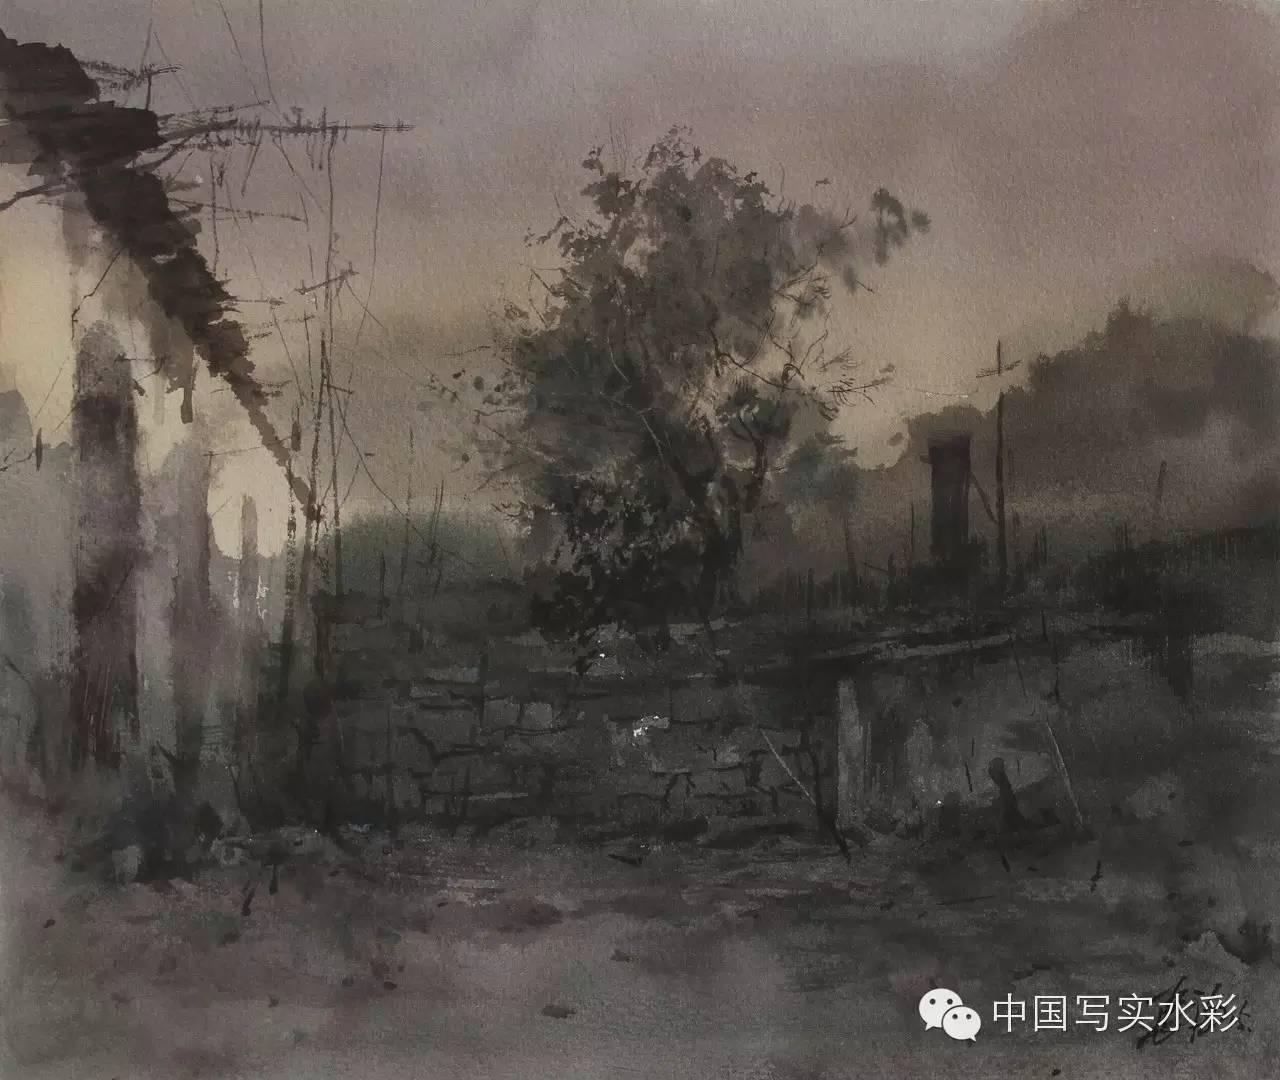 中国写实水彩第一回展——参展画家长海作品欣赏 第10张